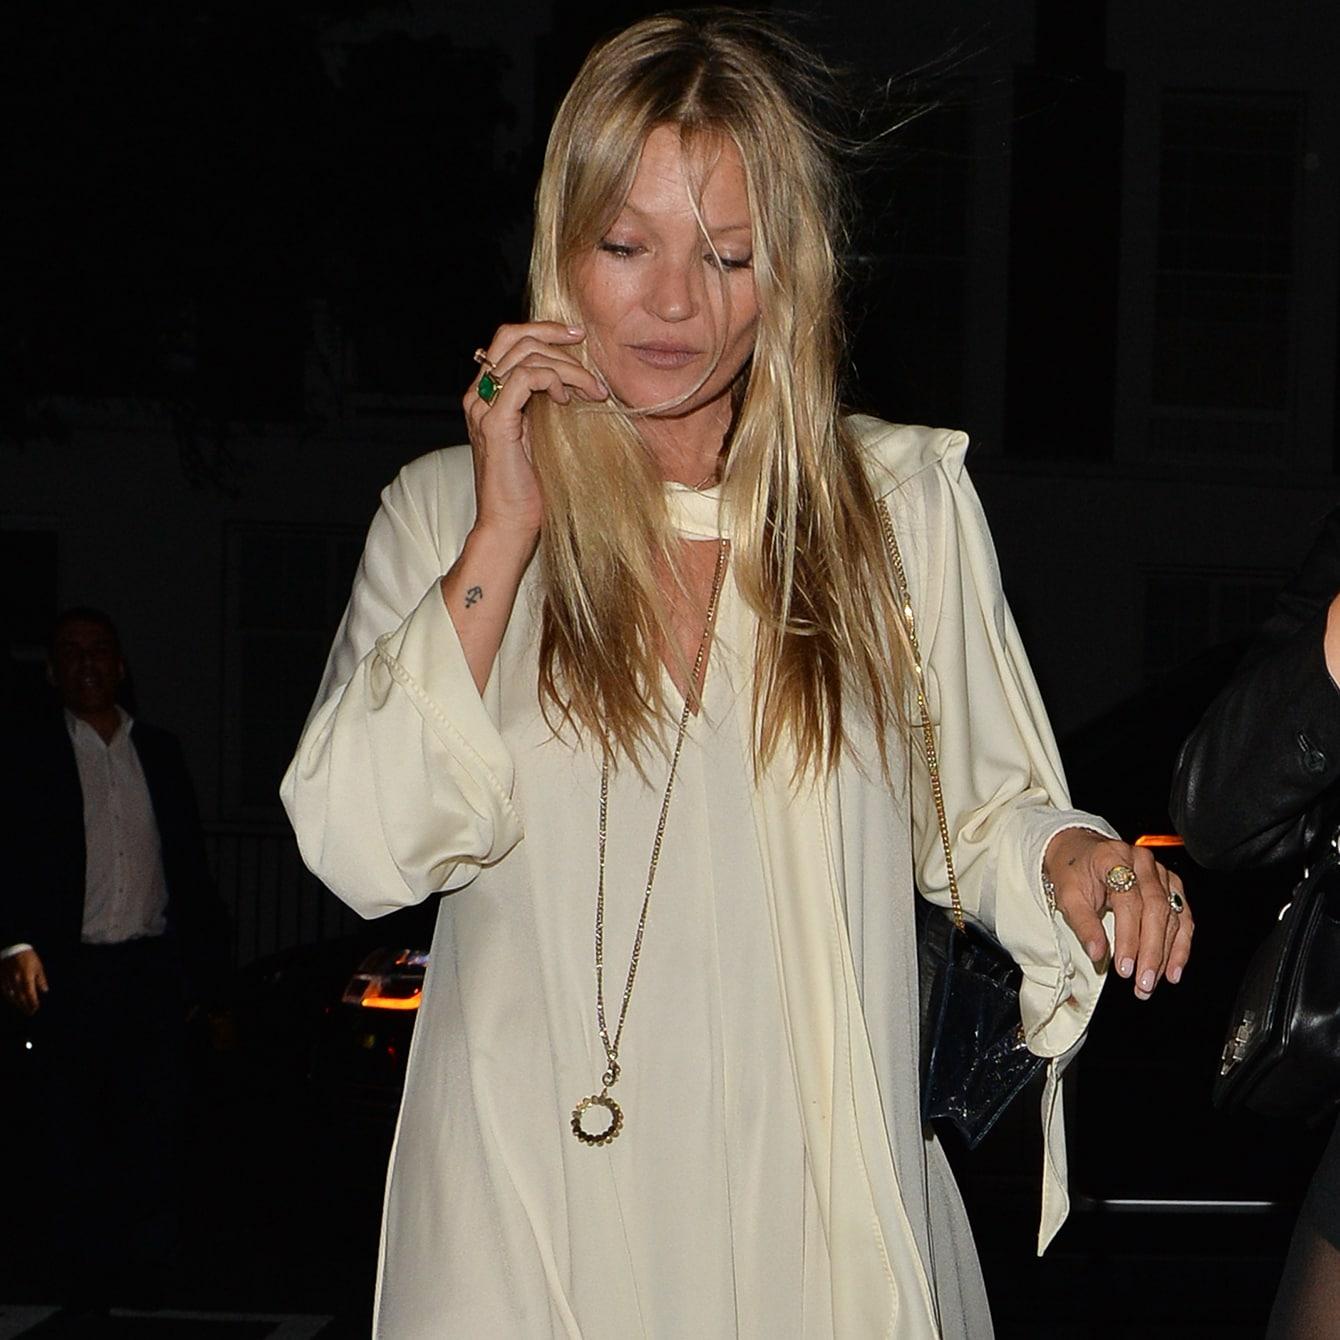 おしゃれ番長ケイト・モスがお手本にするファッション・アイコンとは?